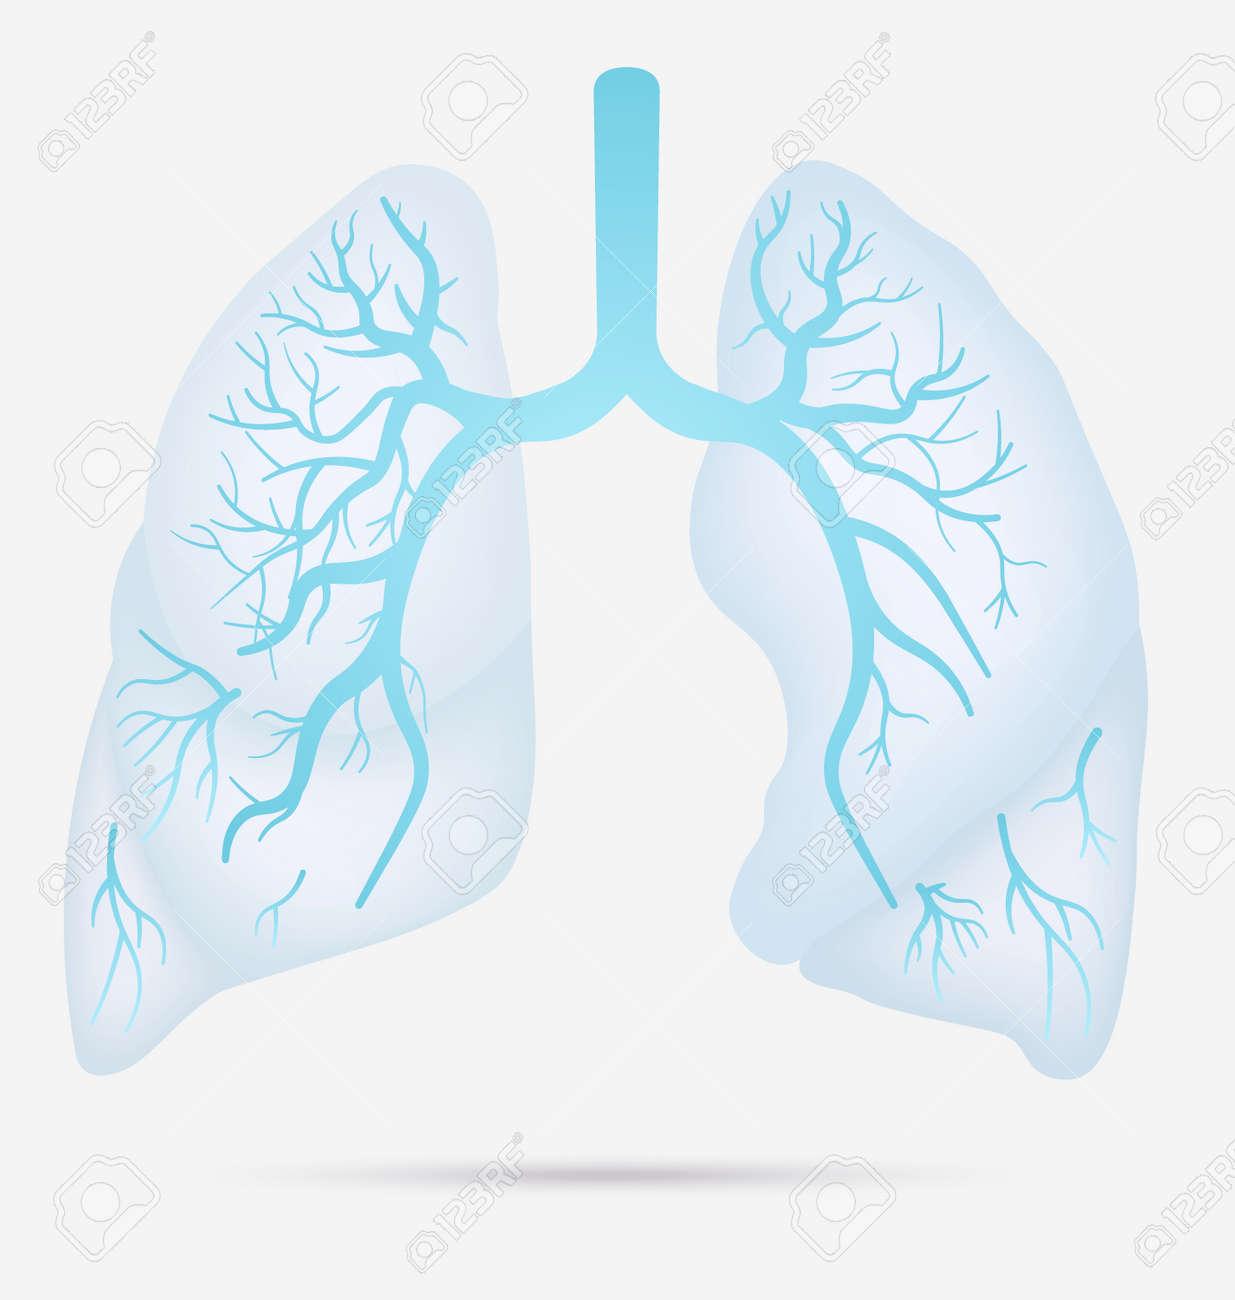 Los Pulmones Humanos Anatomía Para El Asma, La Tuberculosis, La ...